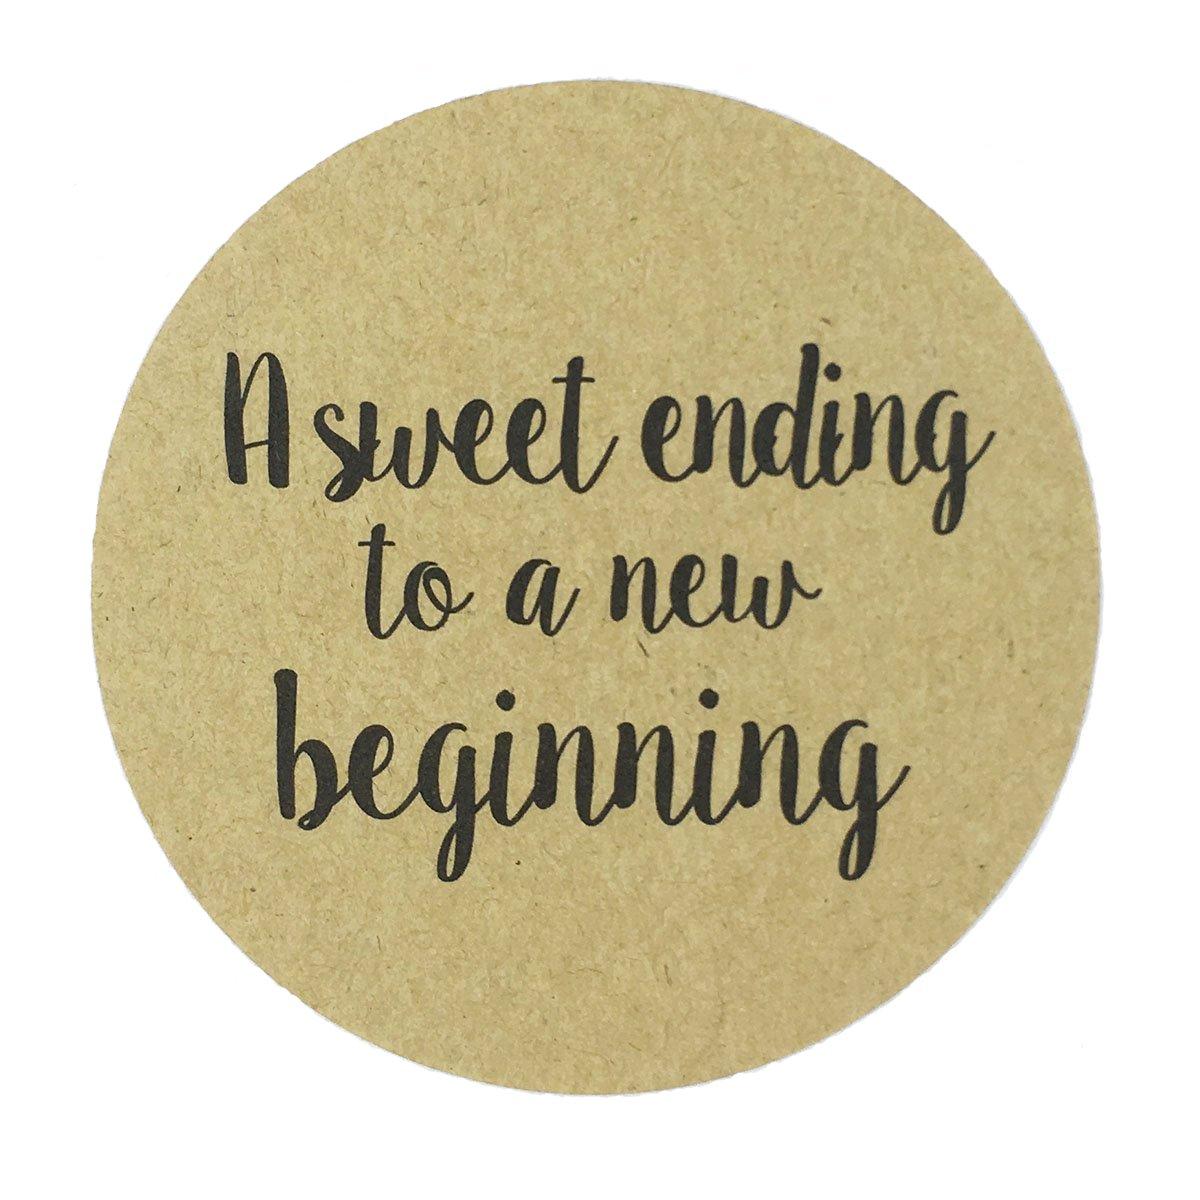 80-2'' Kraft a Sweet Ending to a New Beginning Stickers, Wedding Favor Sticker Labels